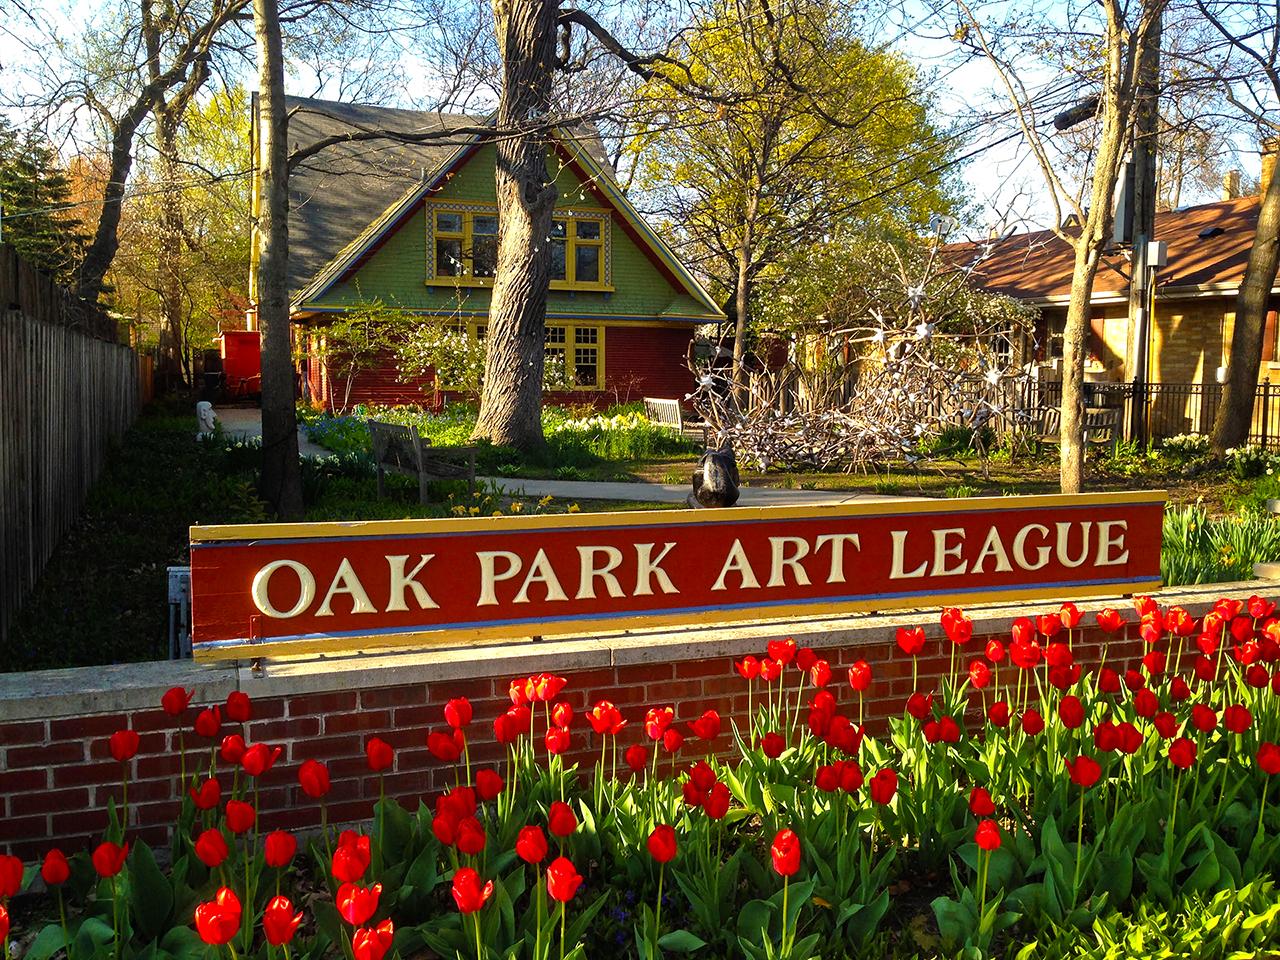 Oak Park Art League